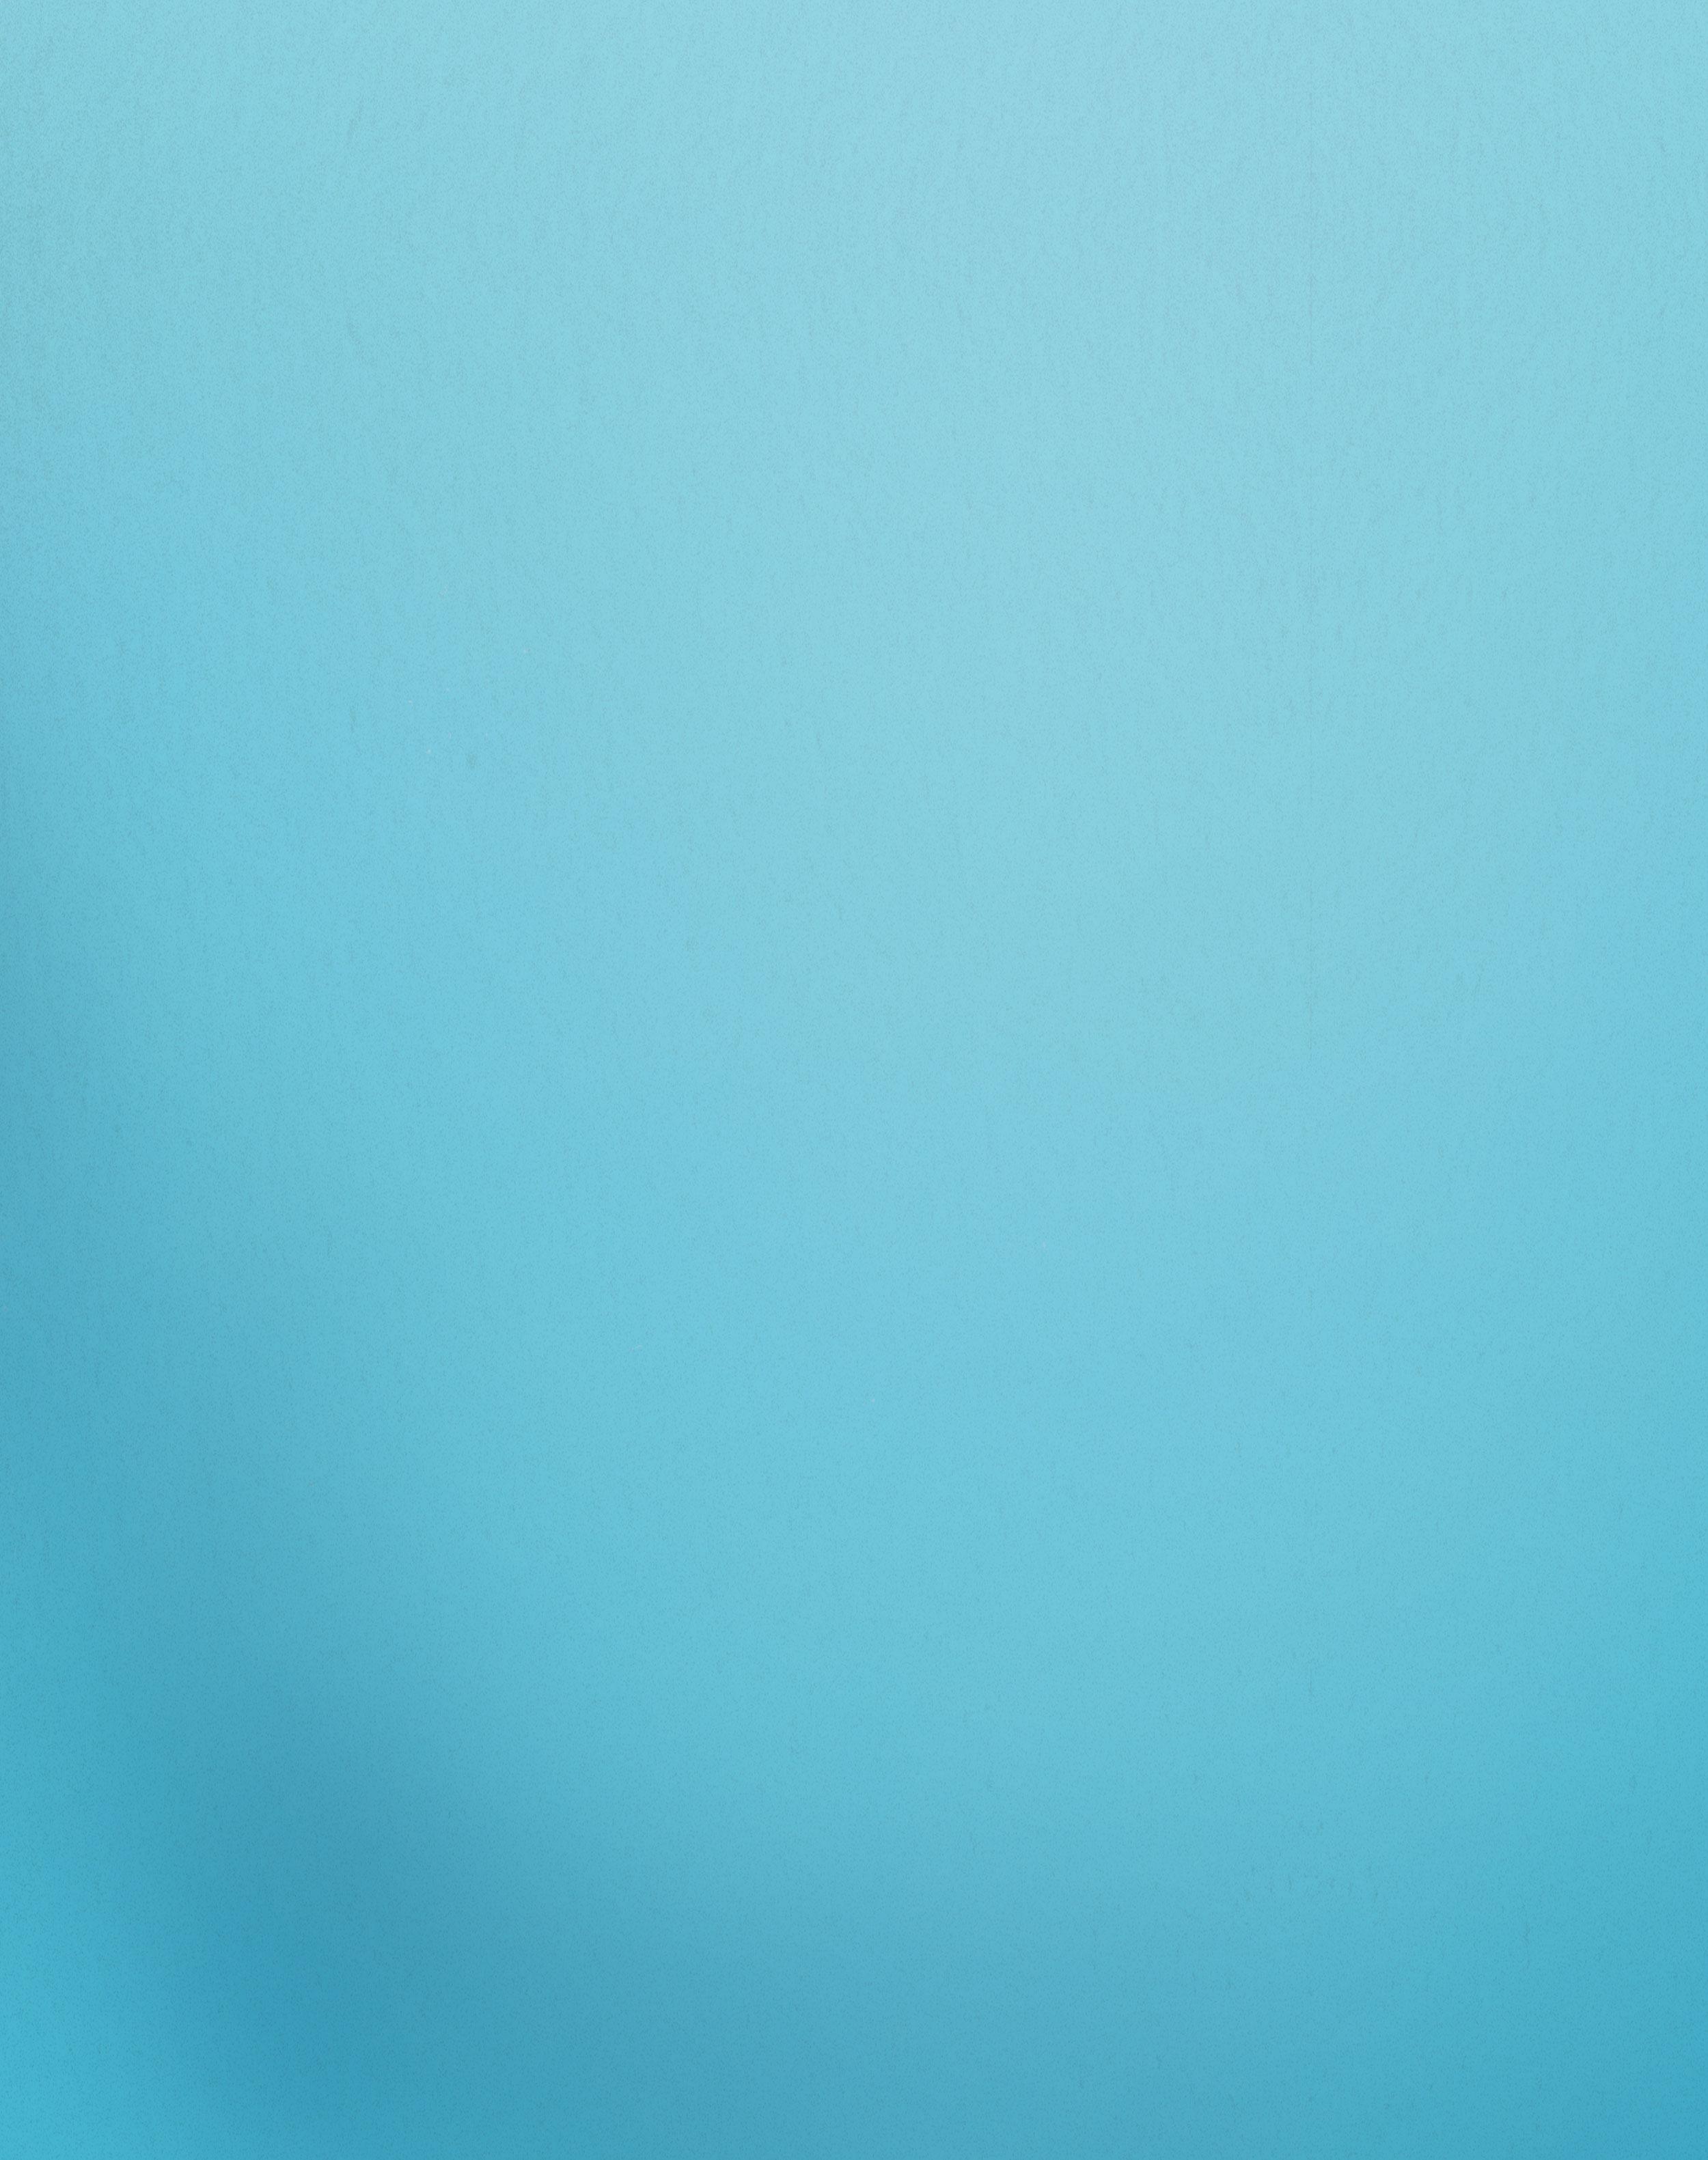 text-background.jpg